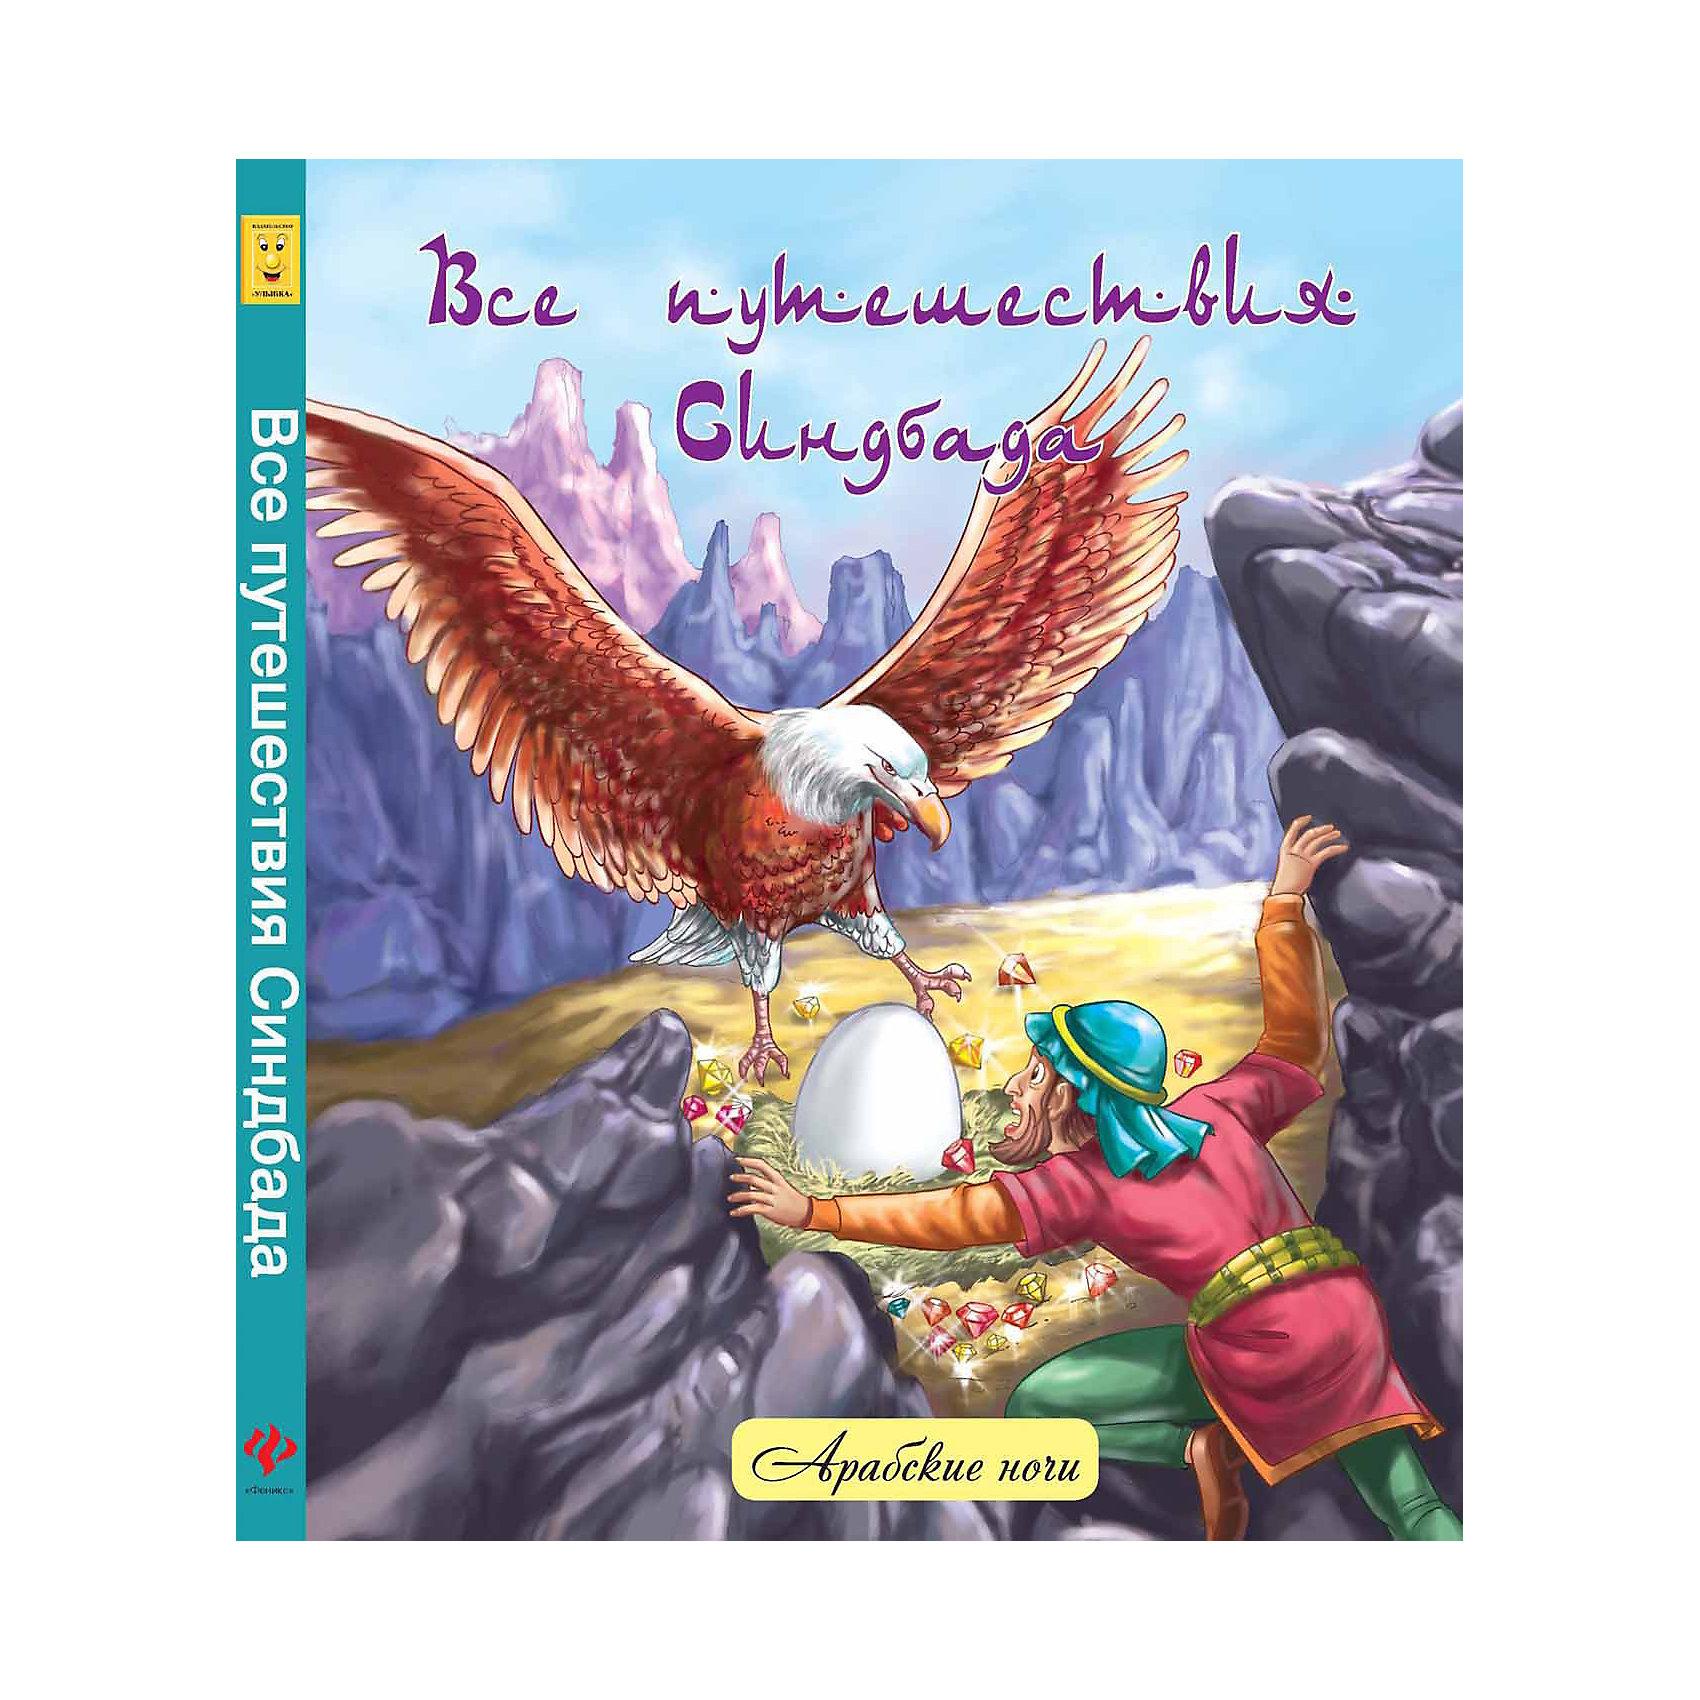 Все путешествия Синдбада: народные арабские сказкиСказки<br>Синдбад  — имя легендарного моряка, попадавшего во множество фантастических приключений во время путешествий через моря к востоку от Африки и к югу от Азии. Коллекция историй его путешествий основана частью на реальном опыте восточных мореплавателей, частью — на античной поэзии, такой как «Одиссея» Гомера, а частью — на индийских и персидских чудесных рассказах-«мирабилиях».<br><br>Ширина мм: 70<br>Глубина мм: 16<br>Высота мм: 90<br>Вес г: 351<br>Возраст от месяцев: 72<br>Возраст до месяцев: 120<br>Пол: Унисекс<br>Возраст: Детский<br>SKU: 2601149